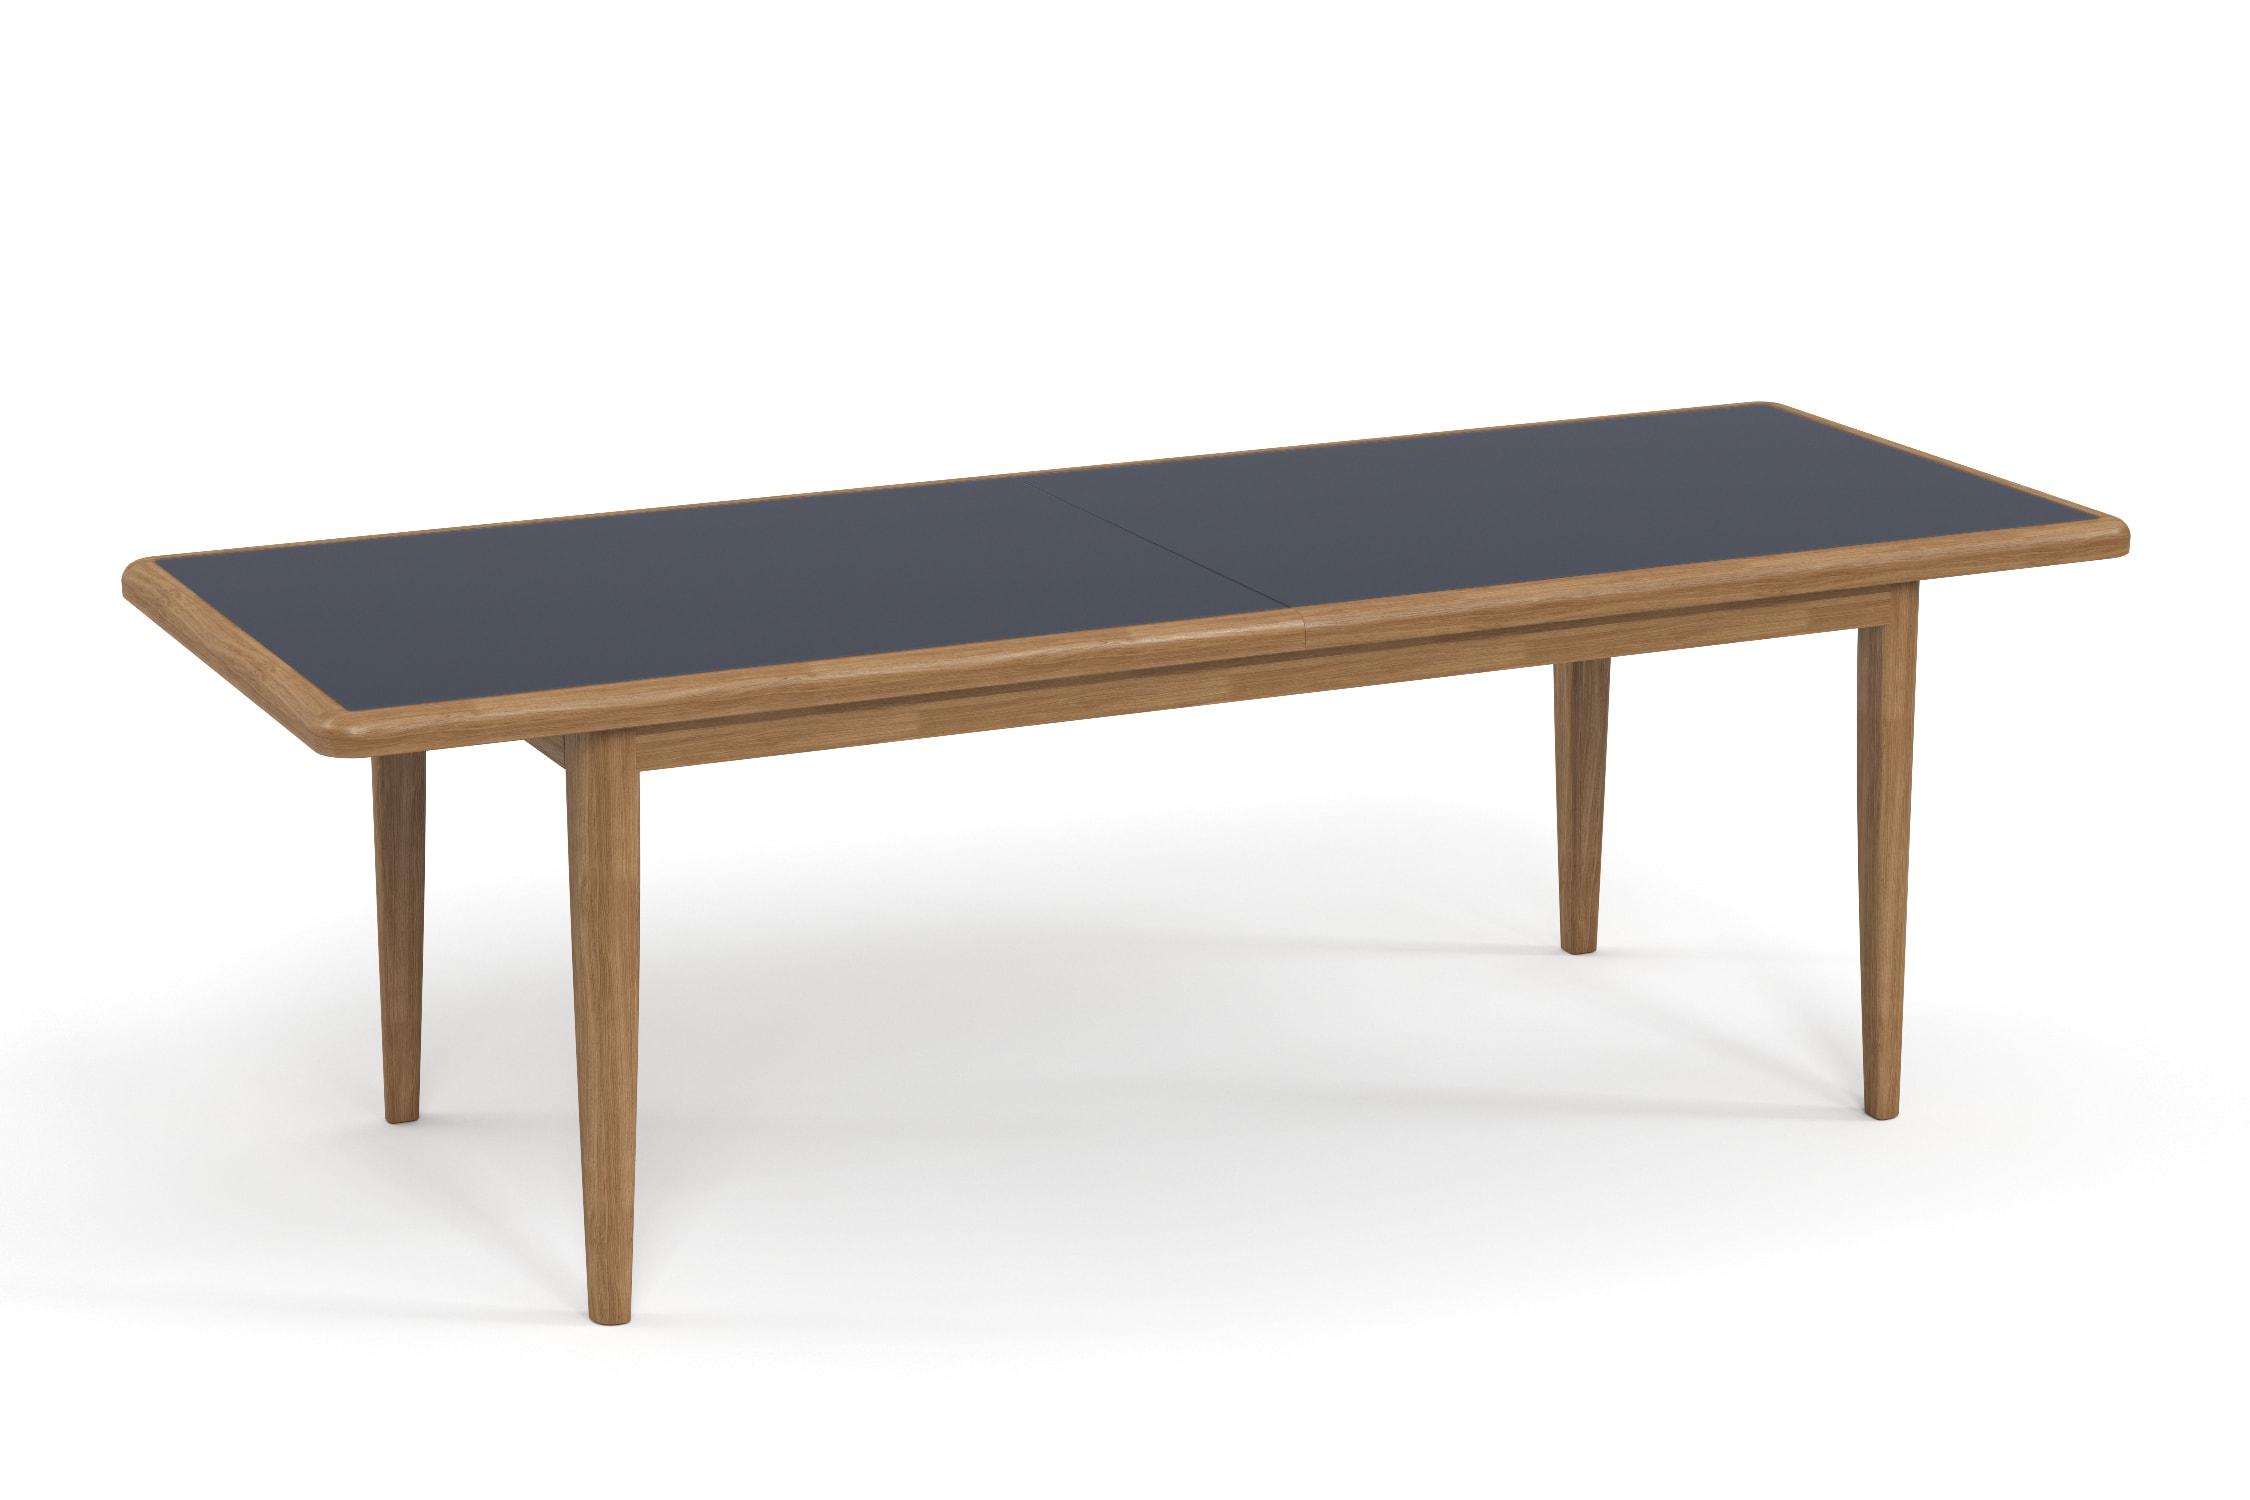 Стол обеденный SeagullСтолы и столики для сада<br>Коллекция SEAGULL – воплощение природной простоты и естественного совершенства. Мебель привлекает тёплыми тонами, уникальностью материала и идеальными пропорциями. Стеклянные столешницы обеденных и журнальных столов по цвету гармонируют с тканью подушек, удобные диваны и «утопающие» кресла дарят ощущения спокойствия и комфорта.Тик – прочная и твердая древесина, относится к ценным породам. Имеет темно-золотистый цвет и сохраняет его на протяжении очень длительного срока. Со временем приобретает благородный темно-серый или темно-коричневый цвет. Благодаря высокому содержанию природных масел, обладает высокой стойкостью против гниения, кислот и щелочей, не вызывает коррозию металлов. Тик содержит кислоты кремния и танина, придающие материалу стойкость к воздействию вредных внешних факторов. Древесина тика не подвержена воздействию термитов, не требует дополнительной антибактериальной обработки. Мебель из тика допускает круглогодичную эксплуатацию на открытом воздухе, выдерживает перепады температур от –30 до +30С. Срок службы более 25 лет.Вся фурнитура изготовлена из нержавеющей стали на собственном производстве.<br><br><br><br>kit: None<br>gender: None